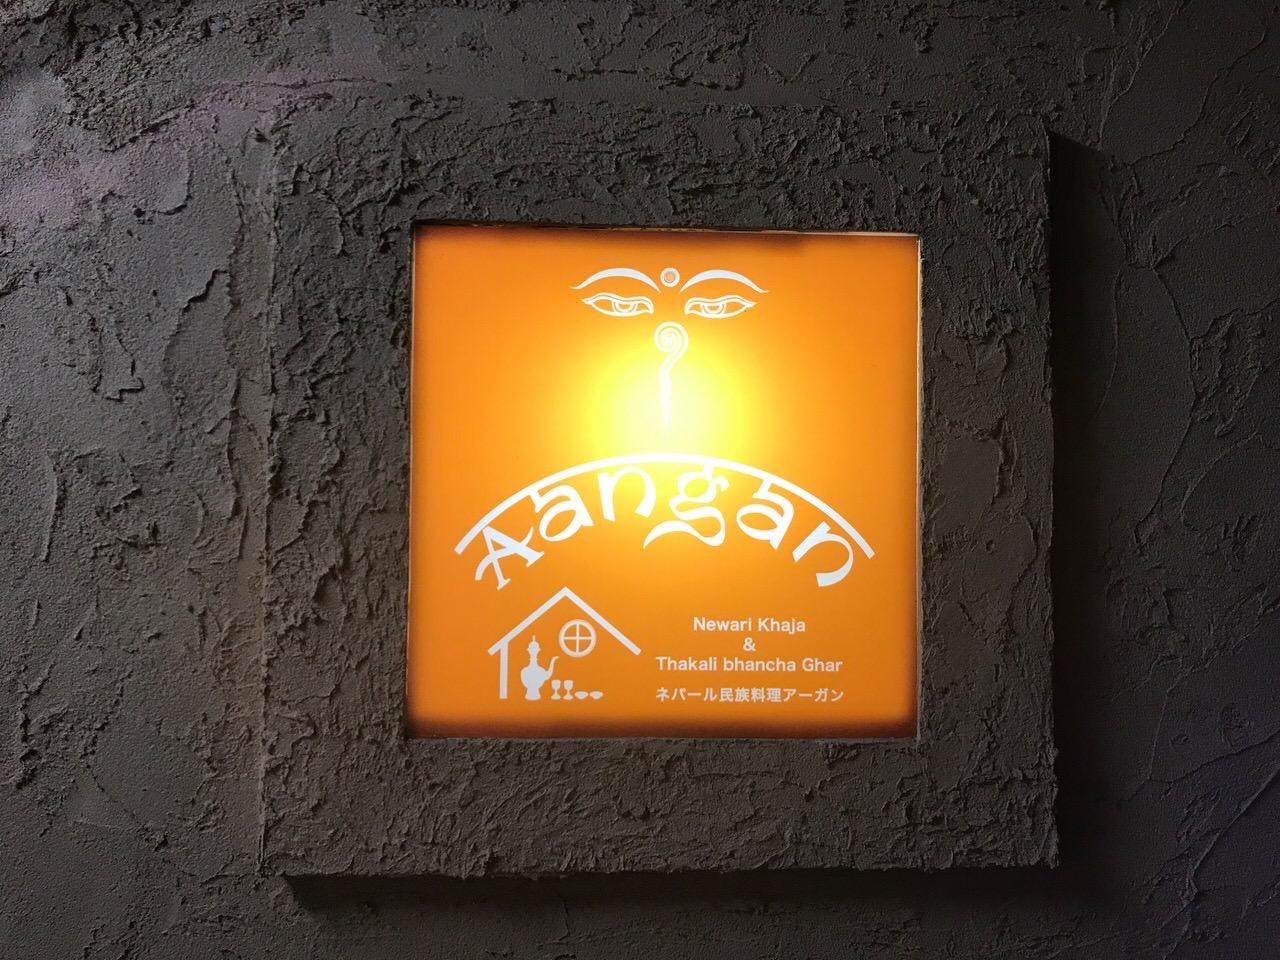 ネパール料理 アーガン 新大久保 02